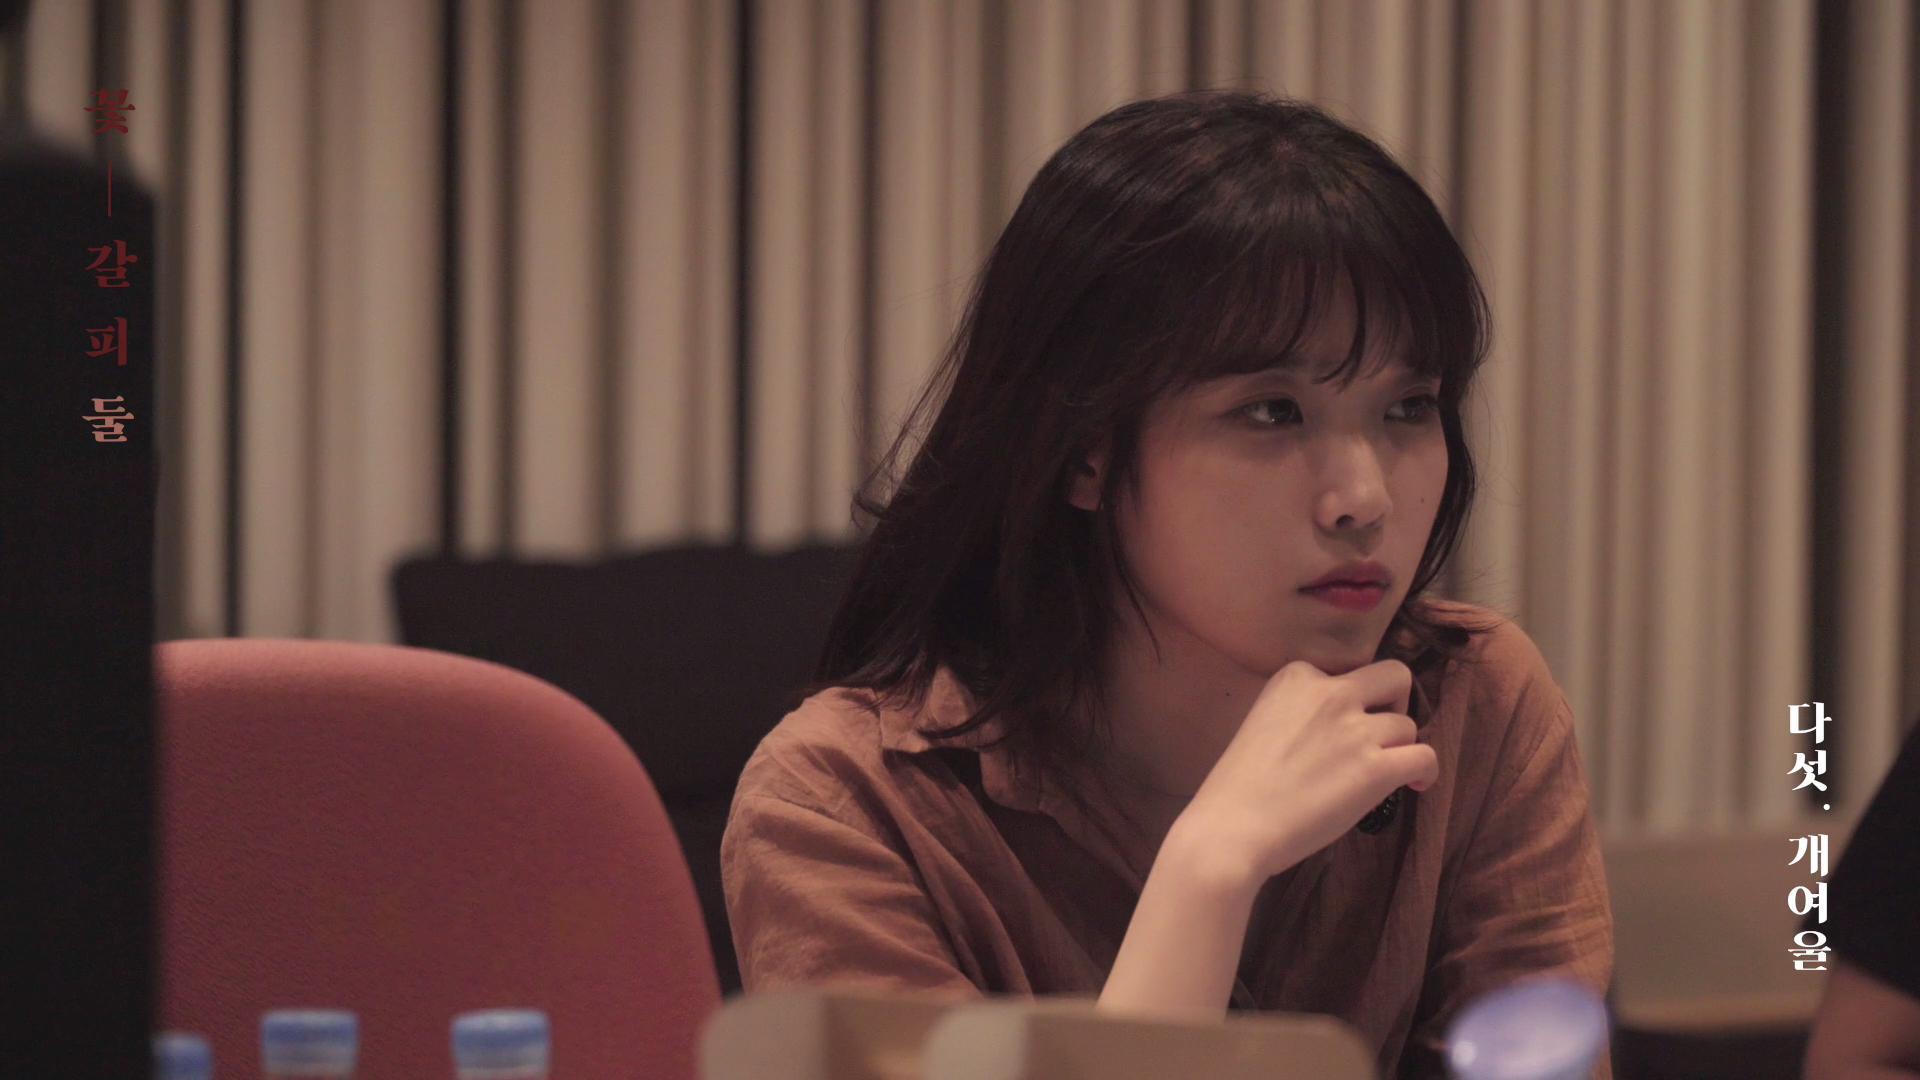 IU(아이유) : [BEHIND] '꽃갈피 둘(Kkot-Galpi #2)' Album Recording